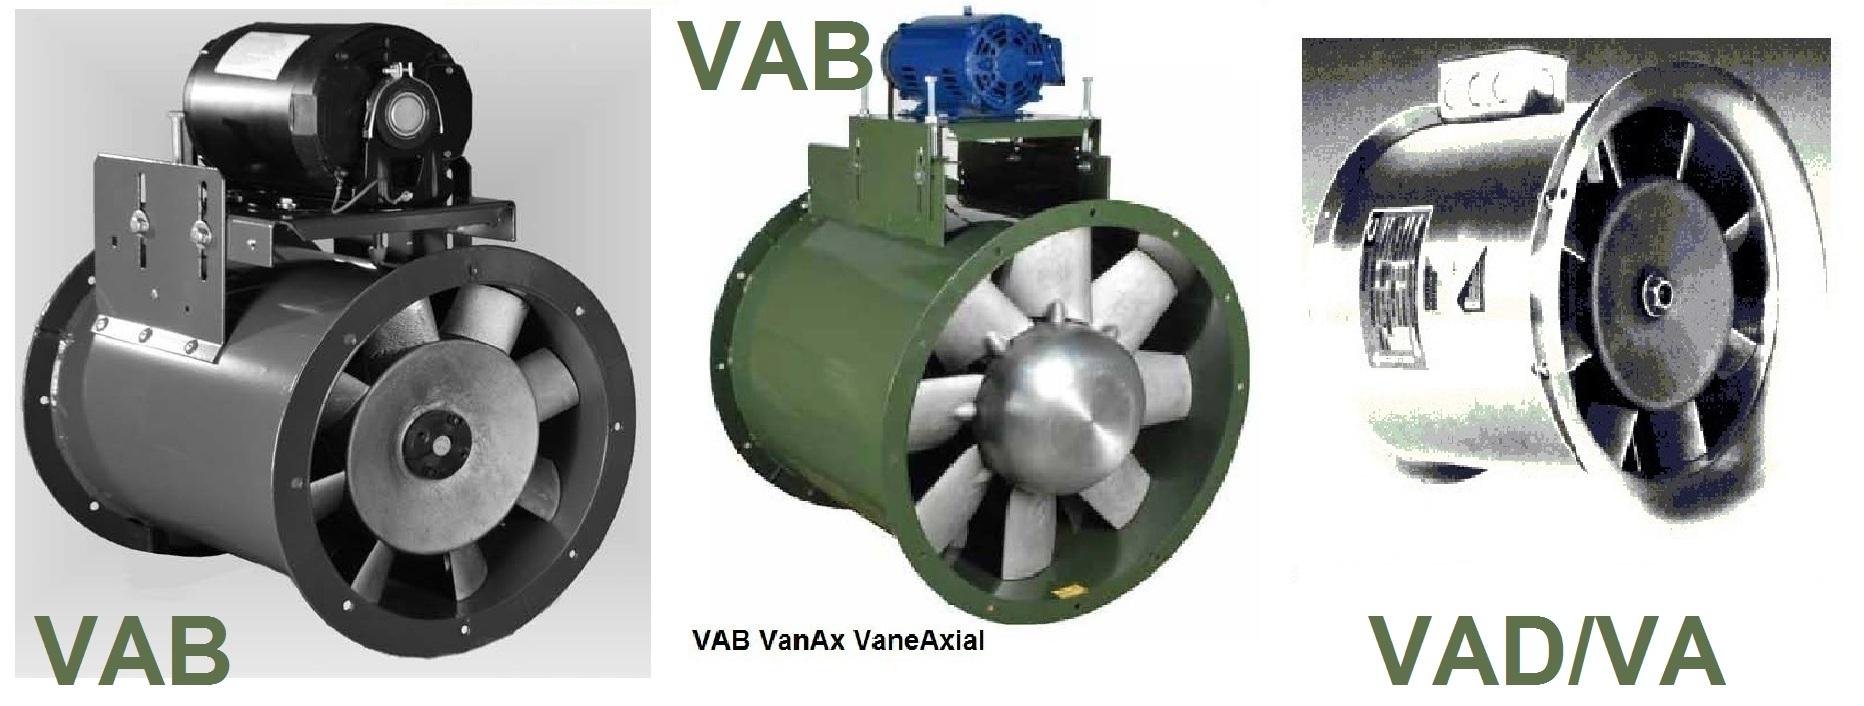 Vane Axial Fan : Vab vanax vaneaxial fan